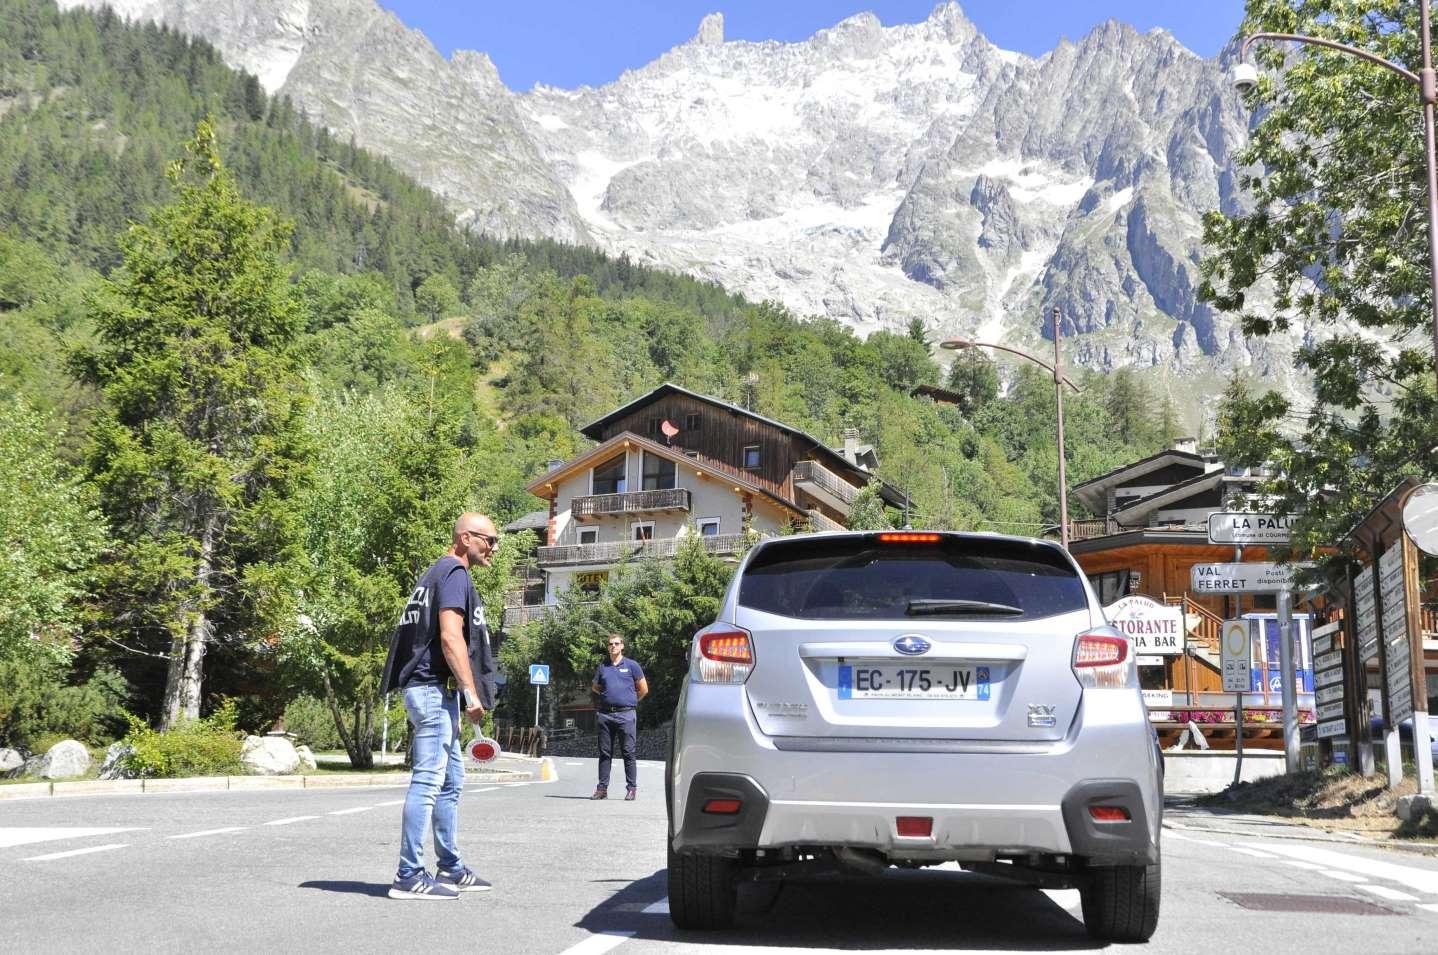 Evacuata Val Ferret : Allerta ghiacciaio, per esperti rischio di pochi giorni